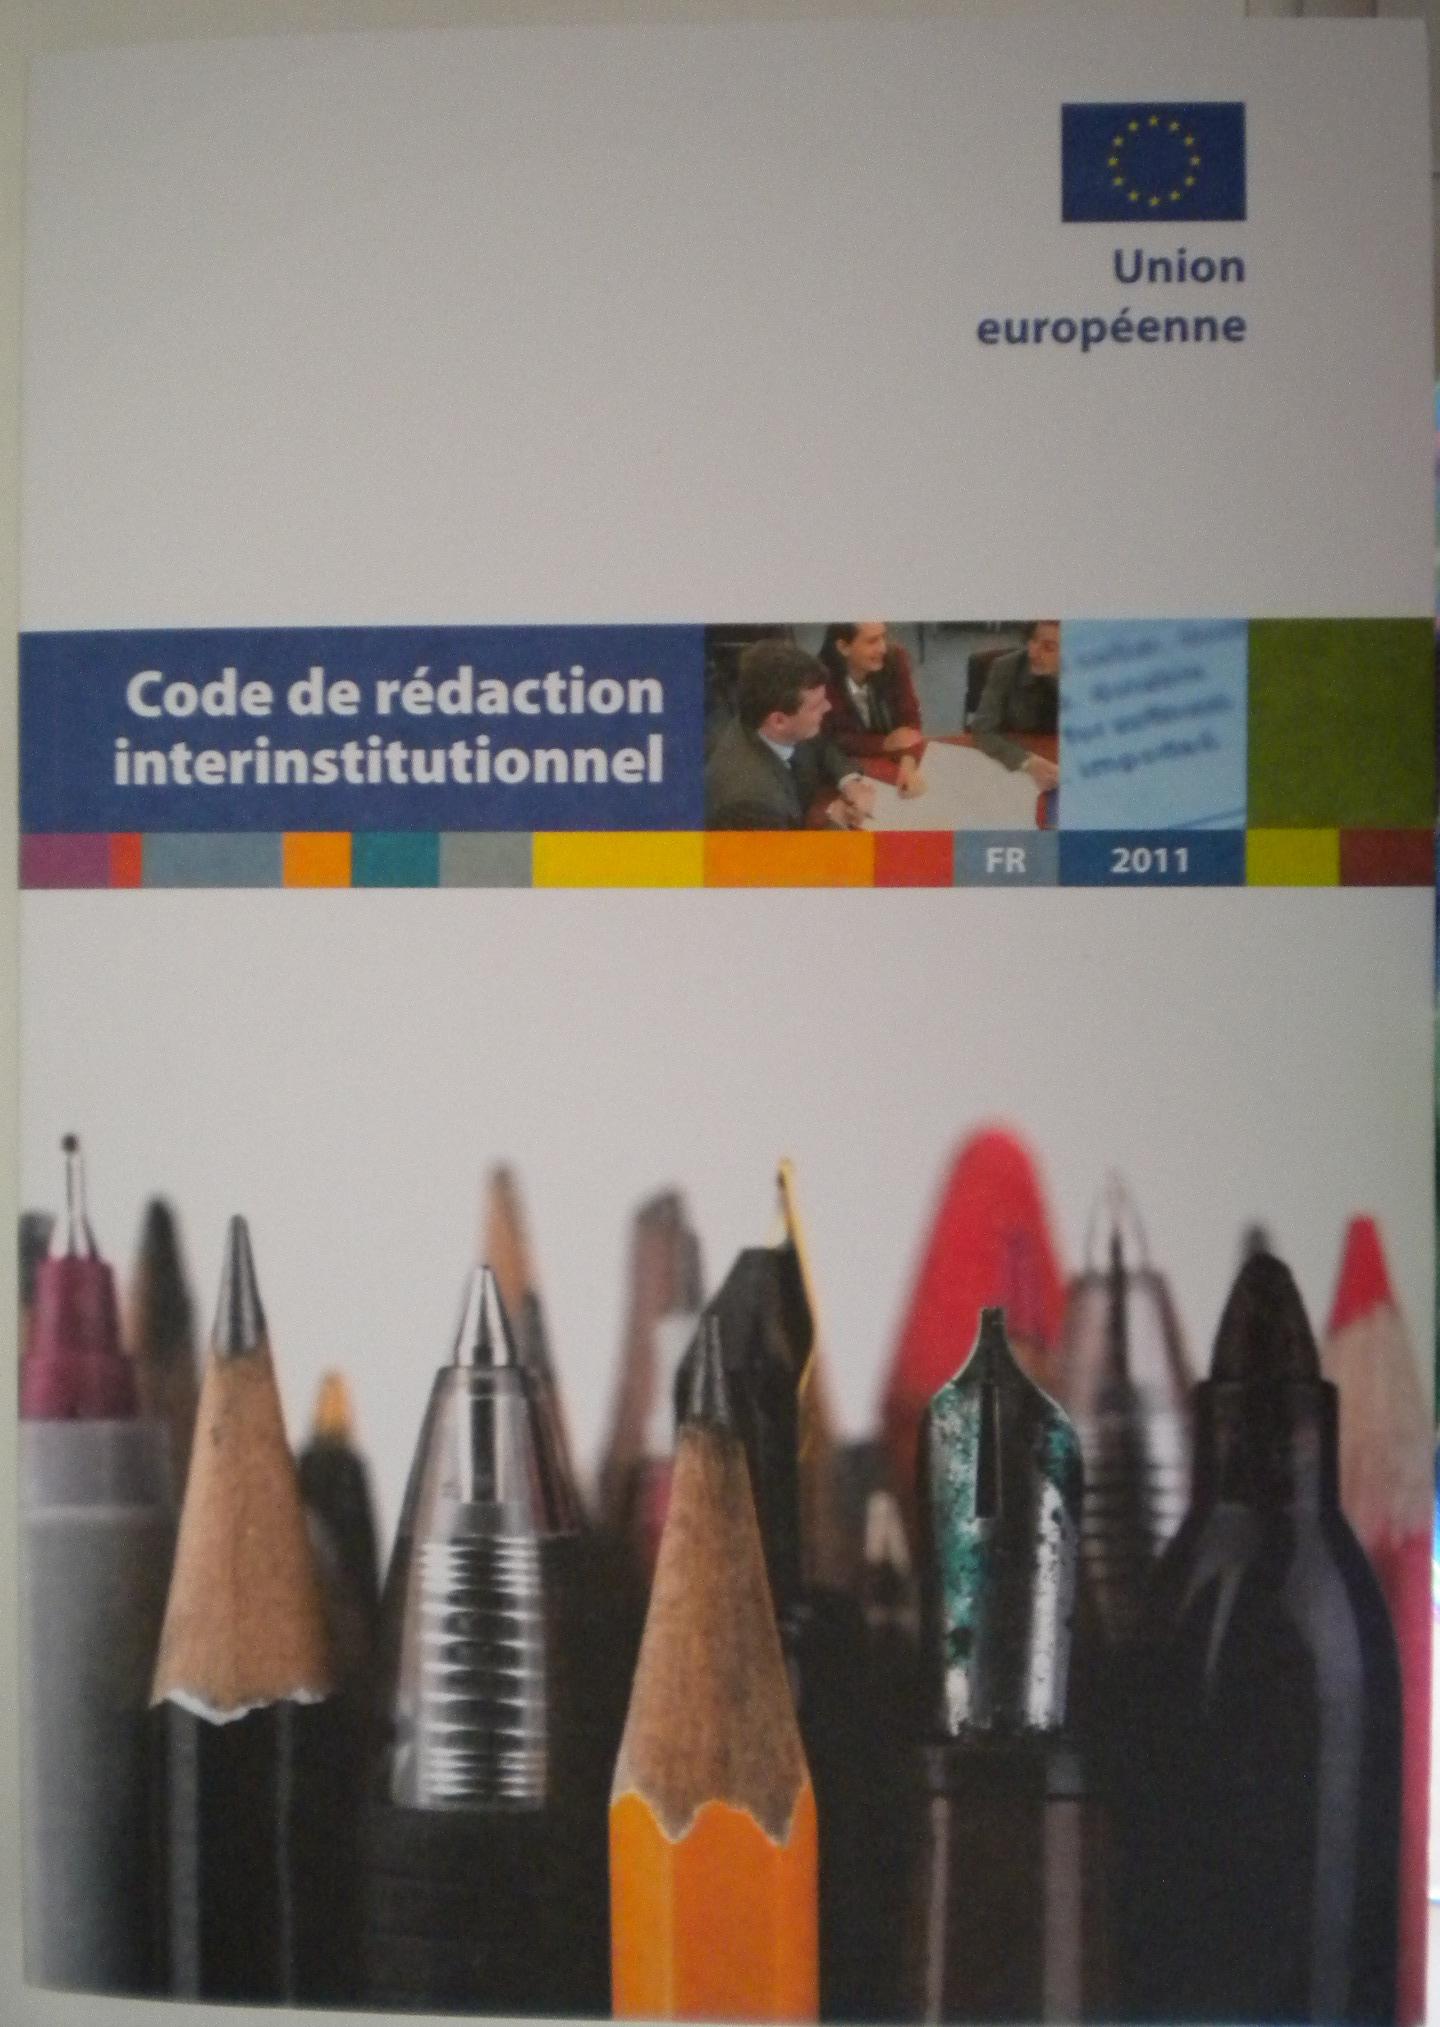 Code de rédaction interinstitutionnel